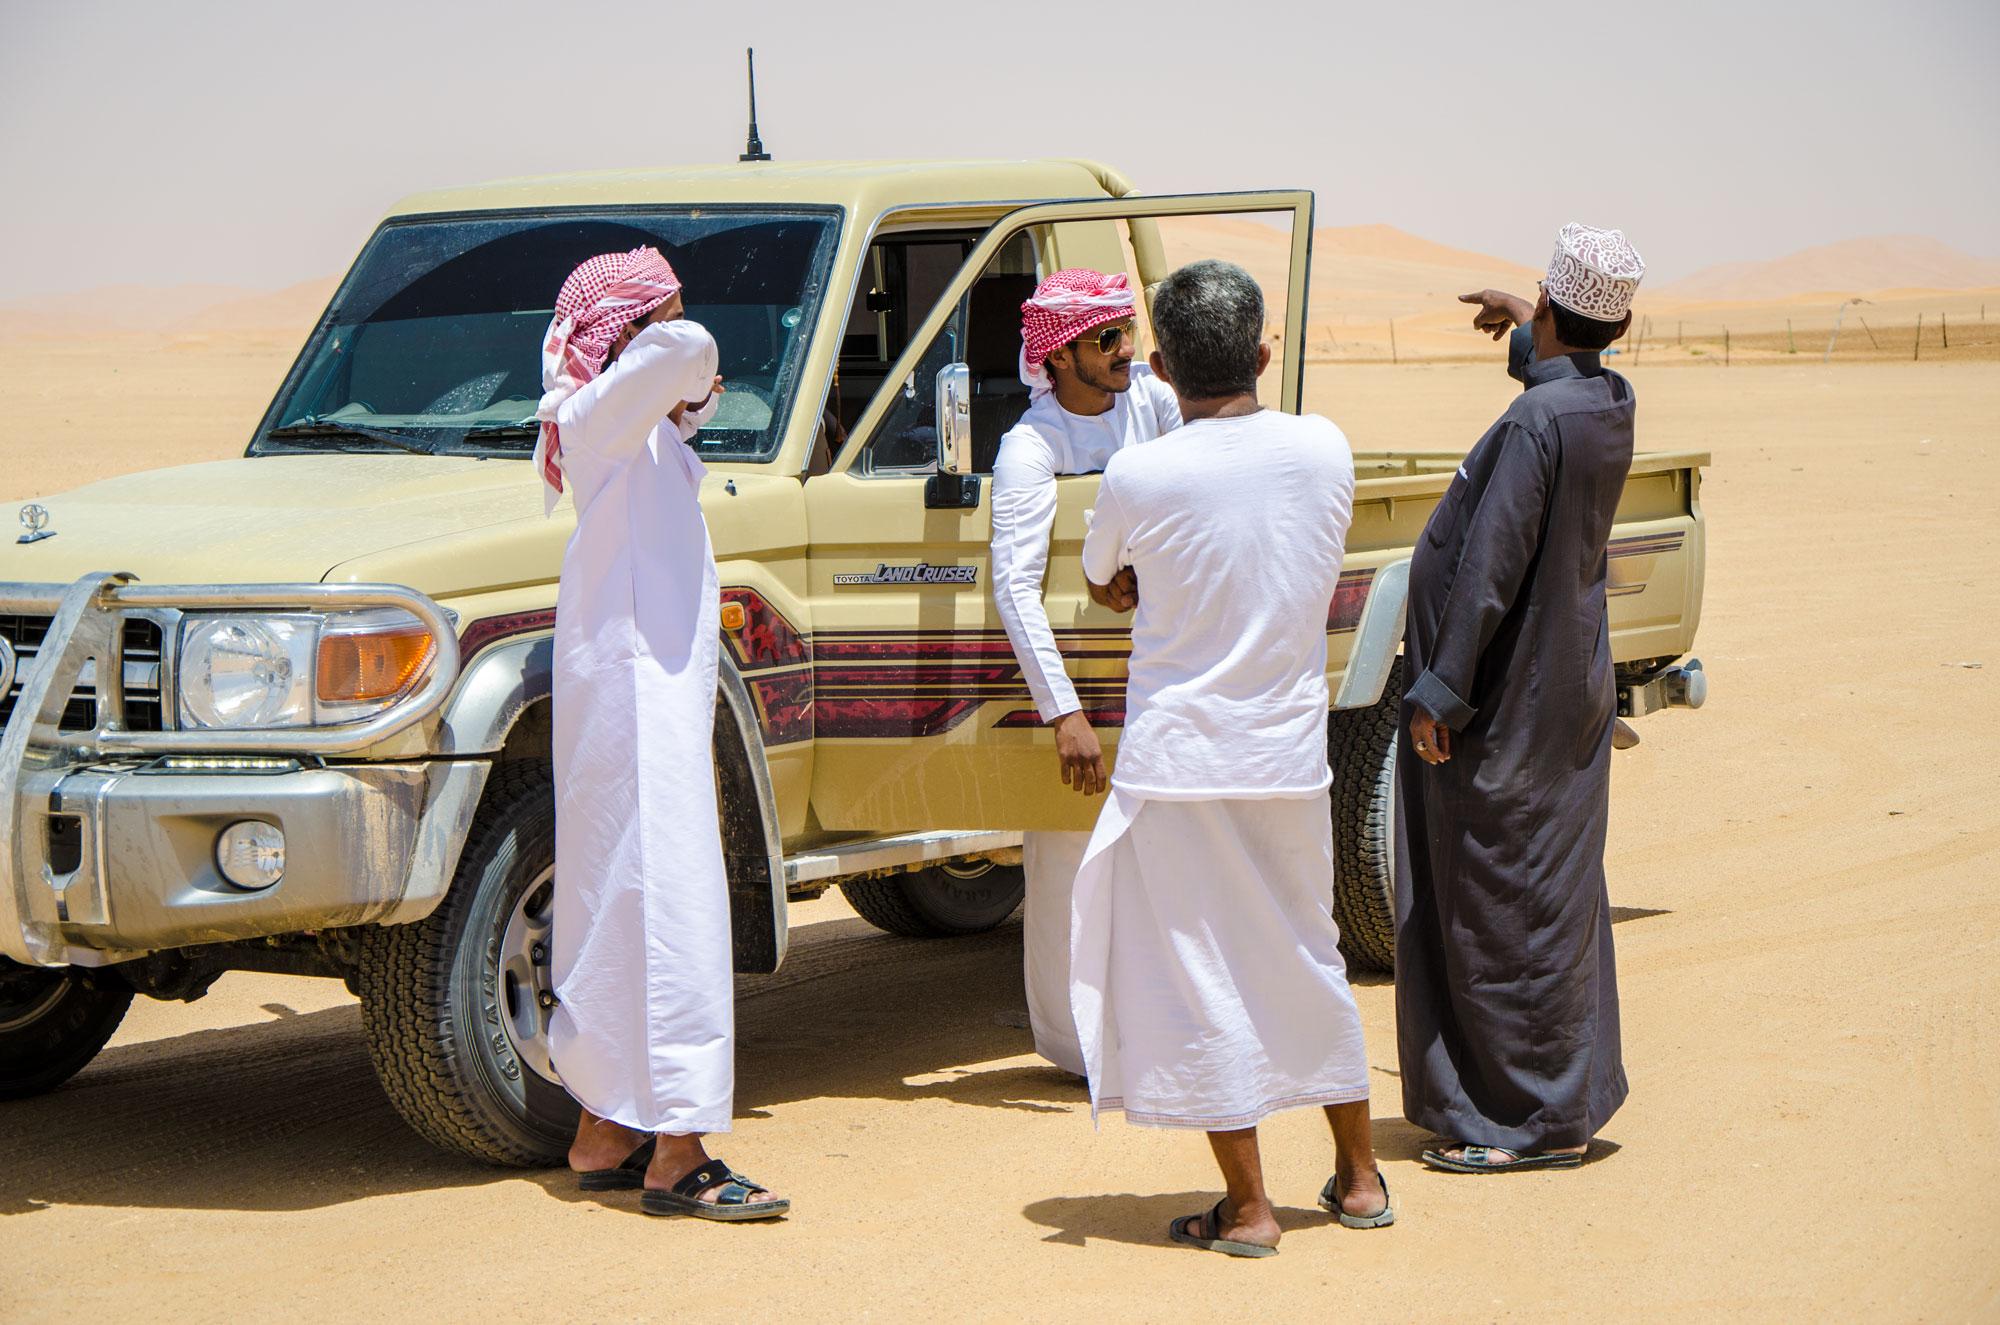 Die Besitzer der Kamelherde im Gespräch mit unseren Fahrern. Foto: Lothar Ruttner